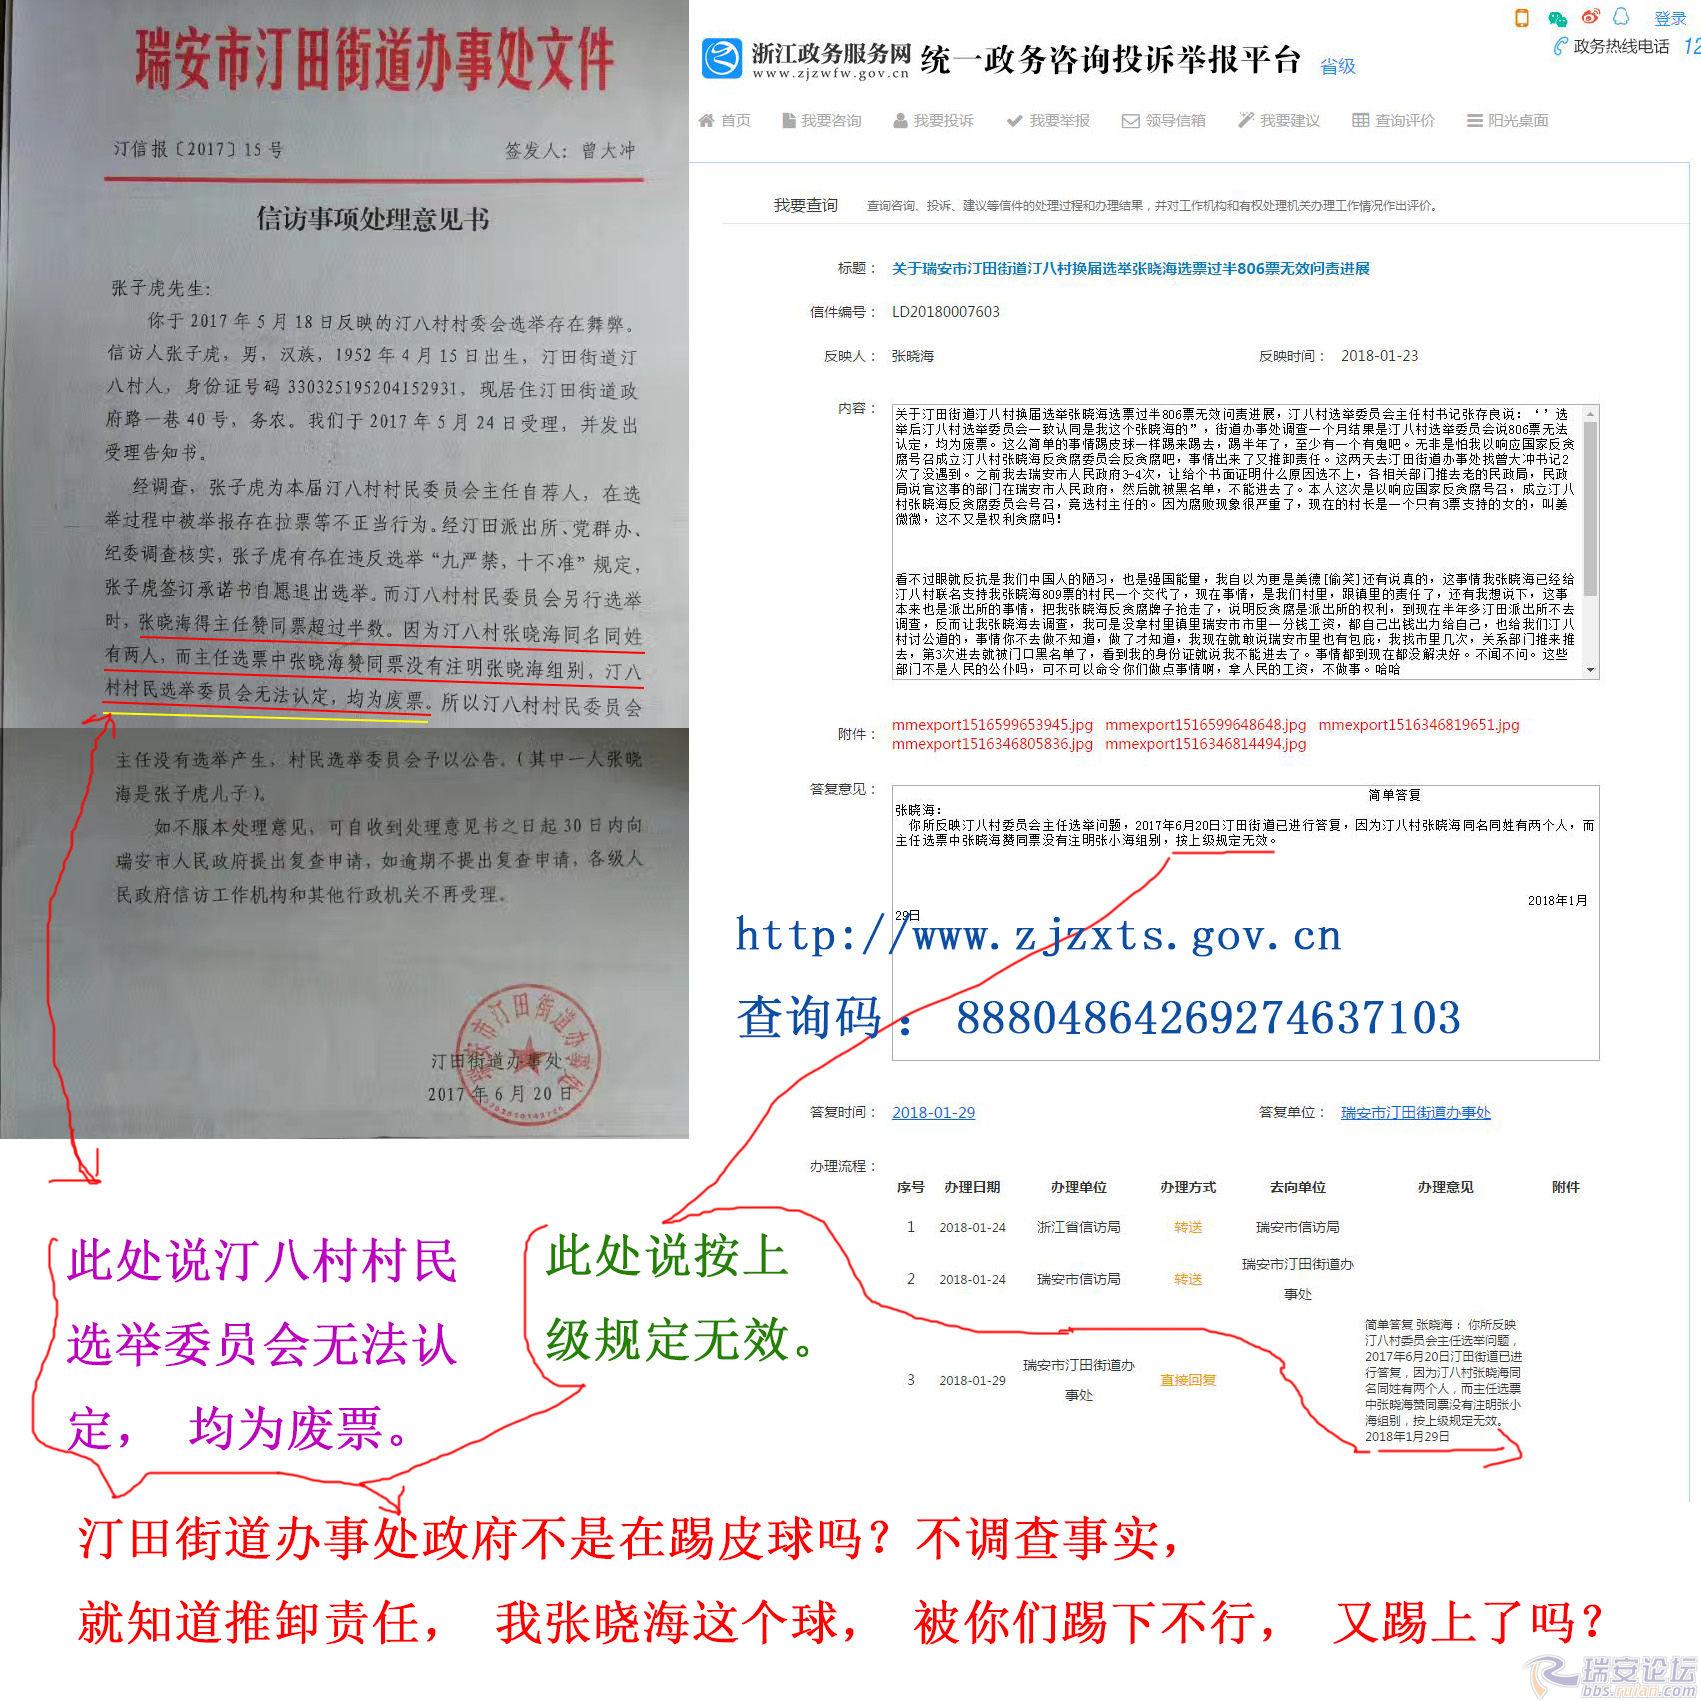 张晓海反贪腐证据